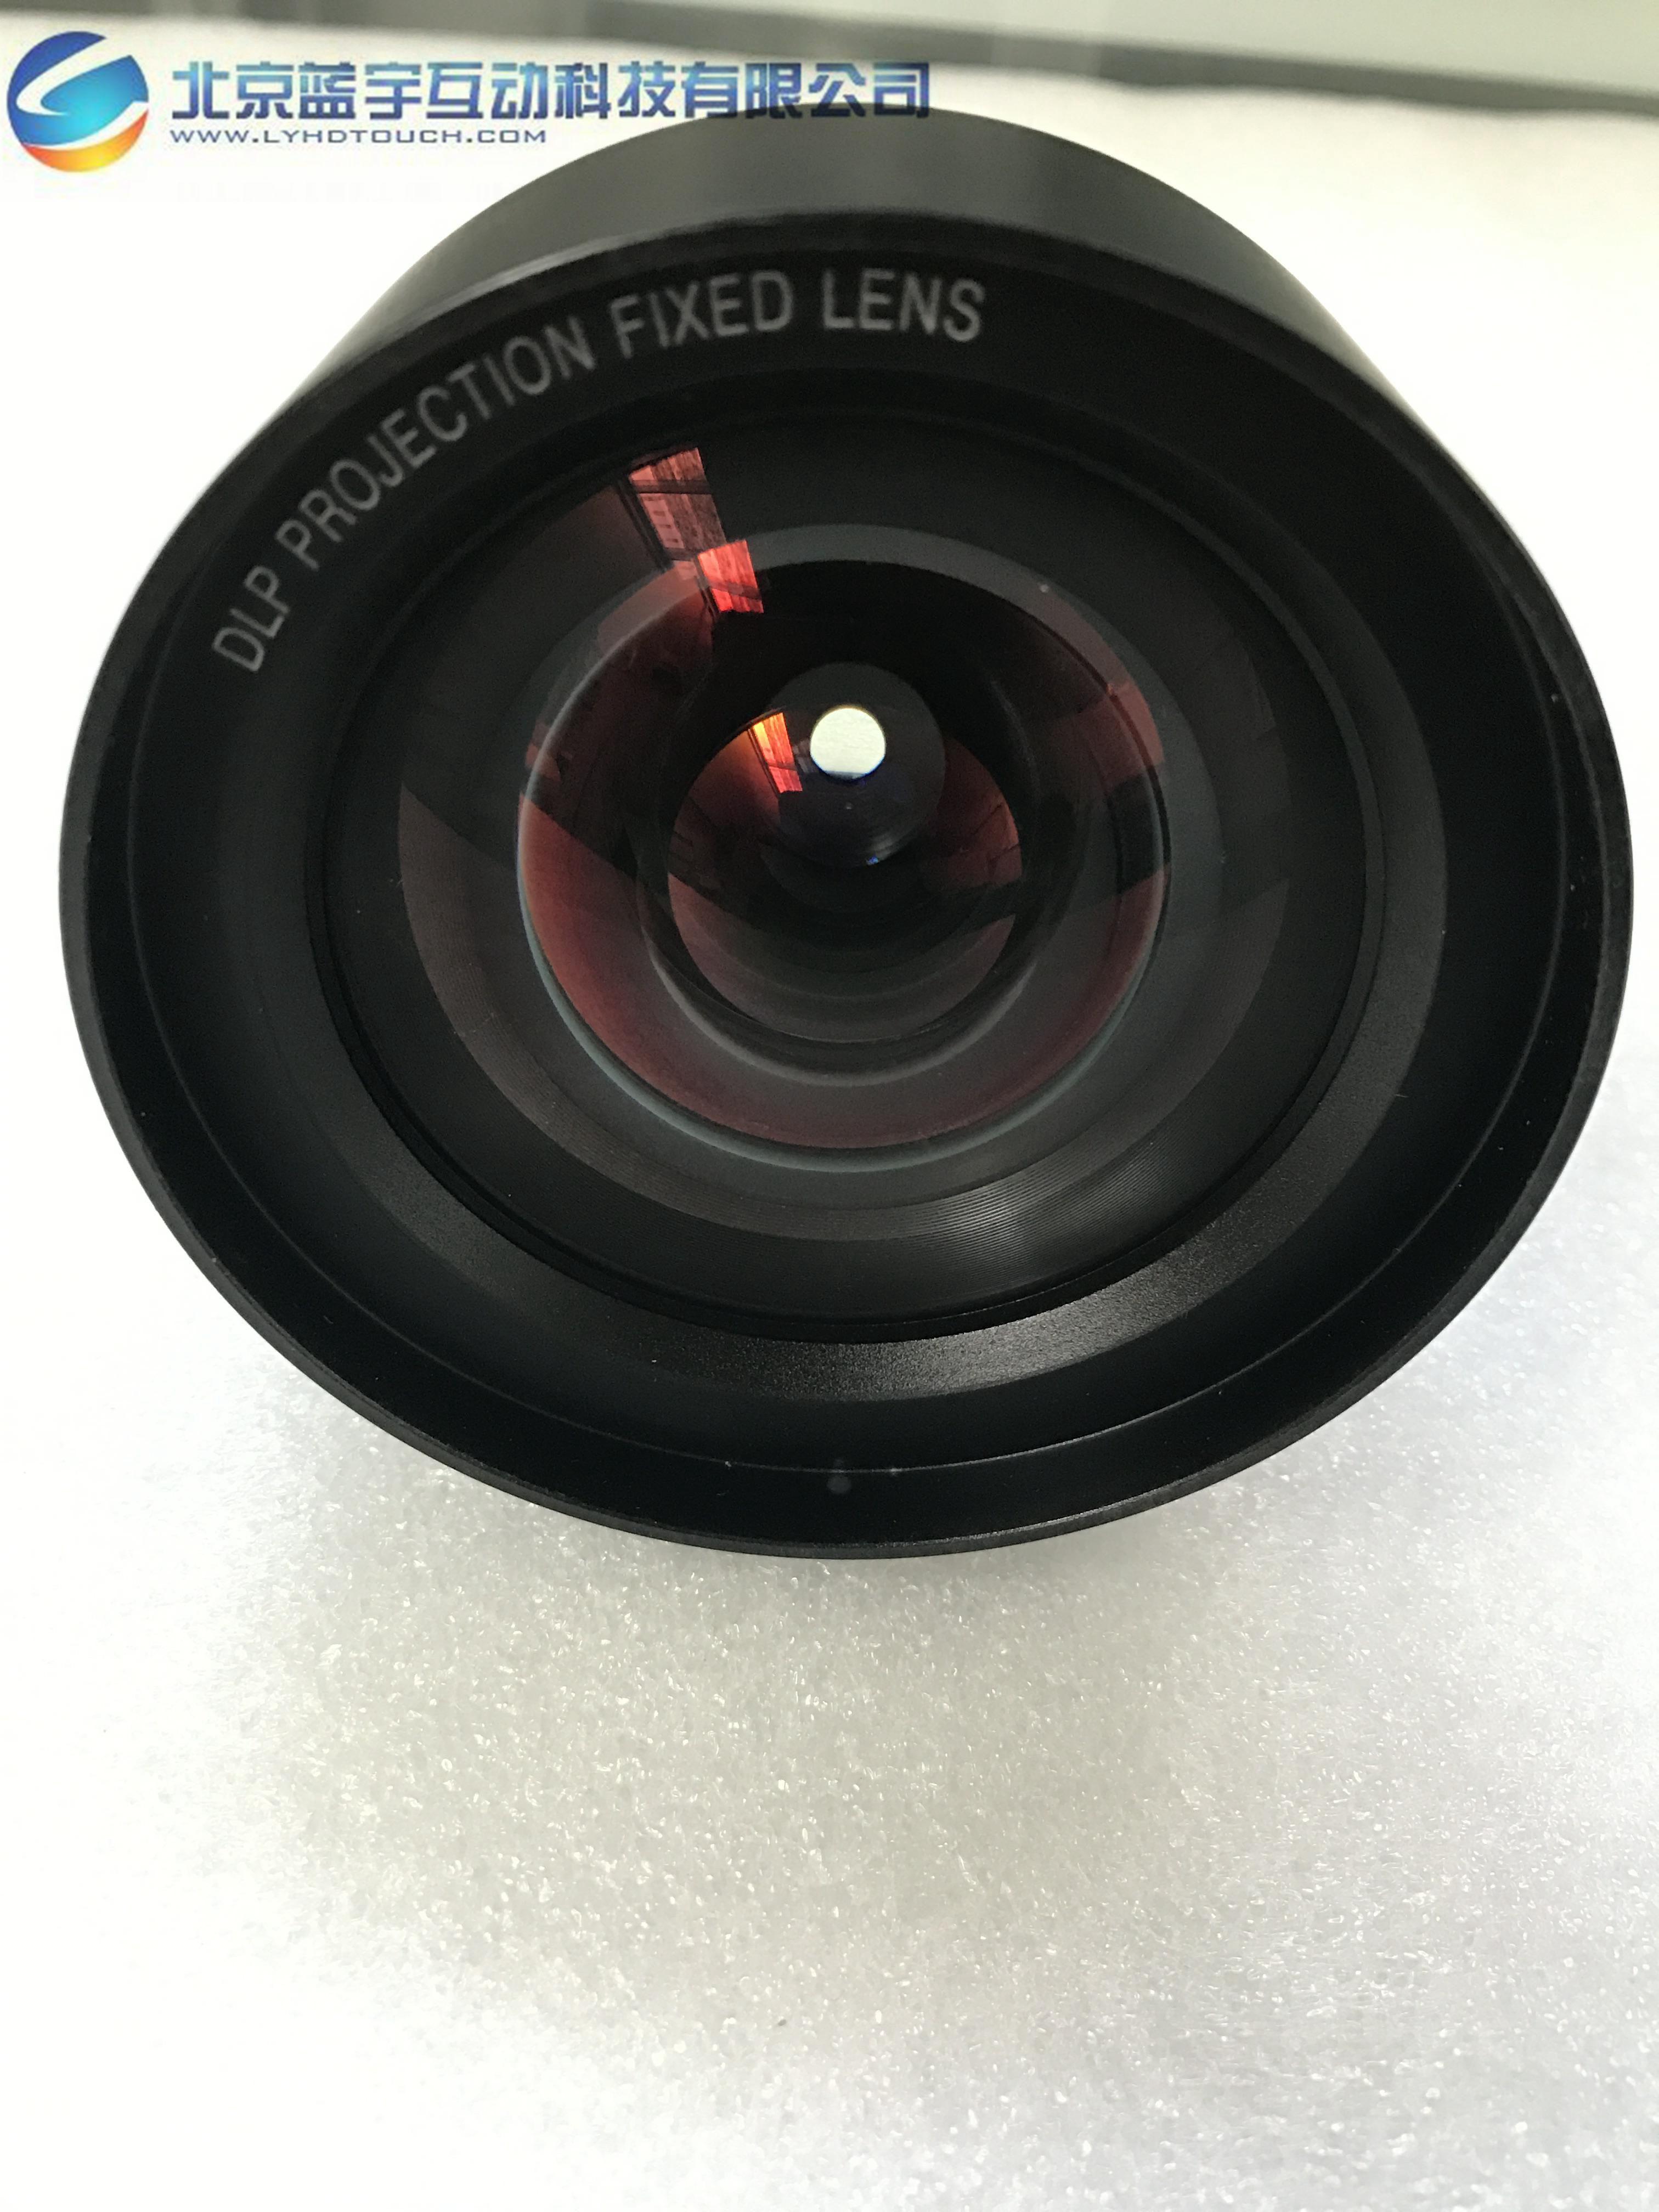 NEC/松下/日立/爱普生等各品牌工程投影仪0.8投射比超短焦镜头